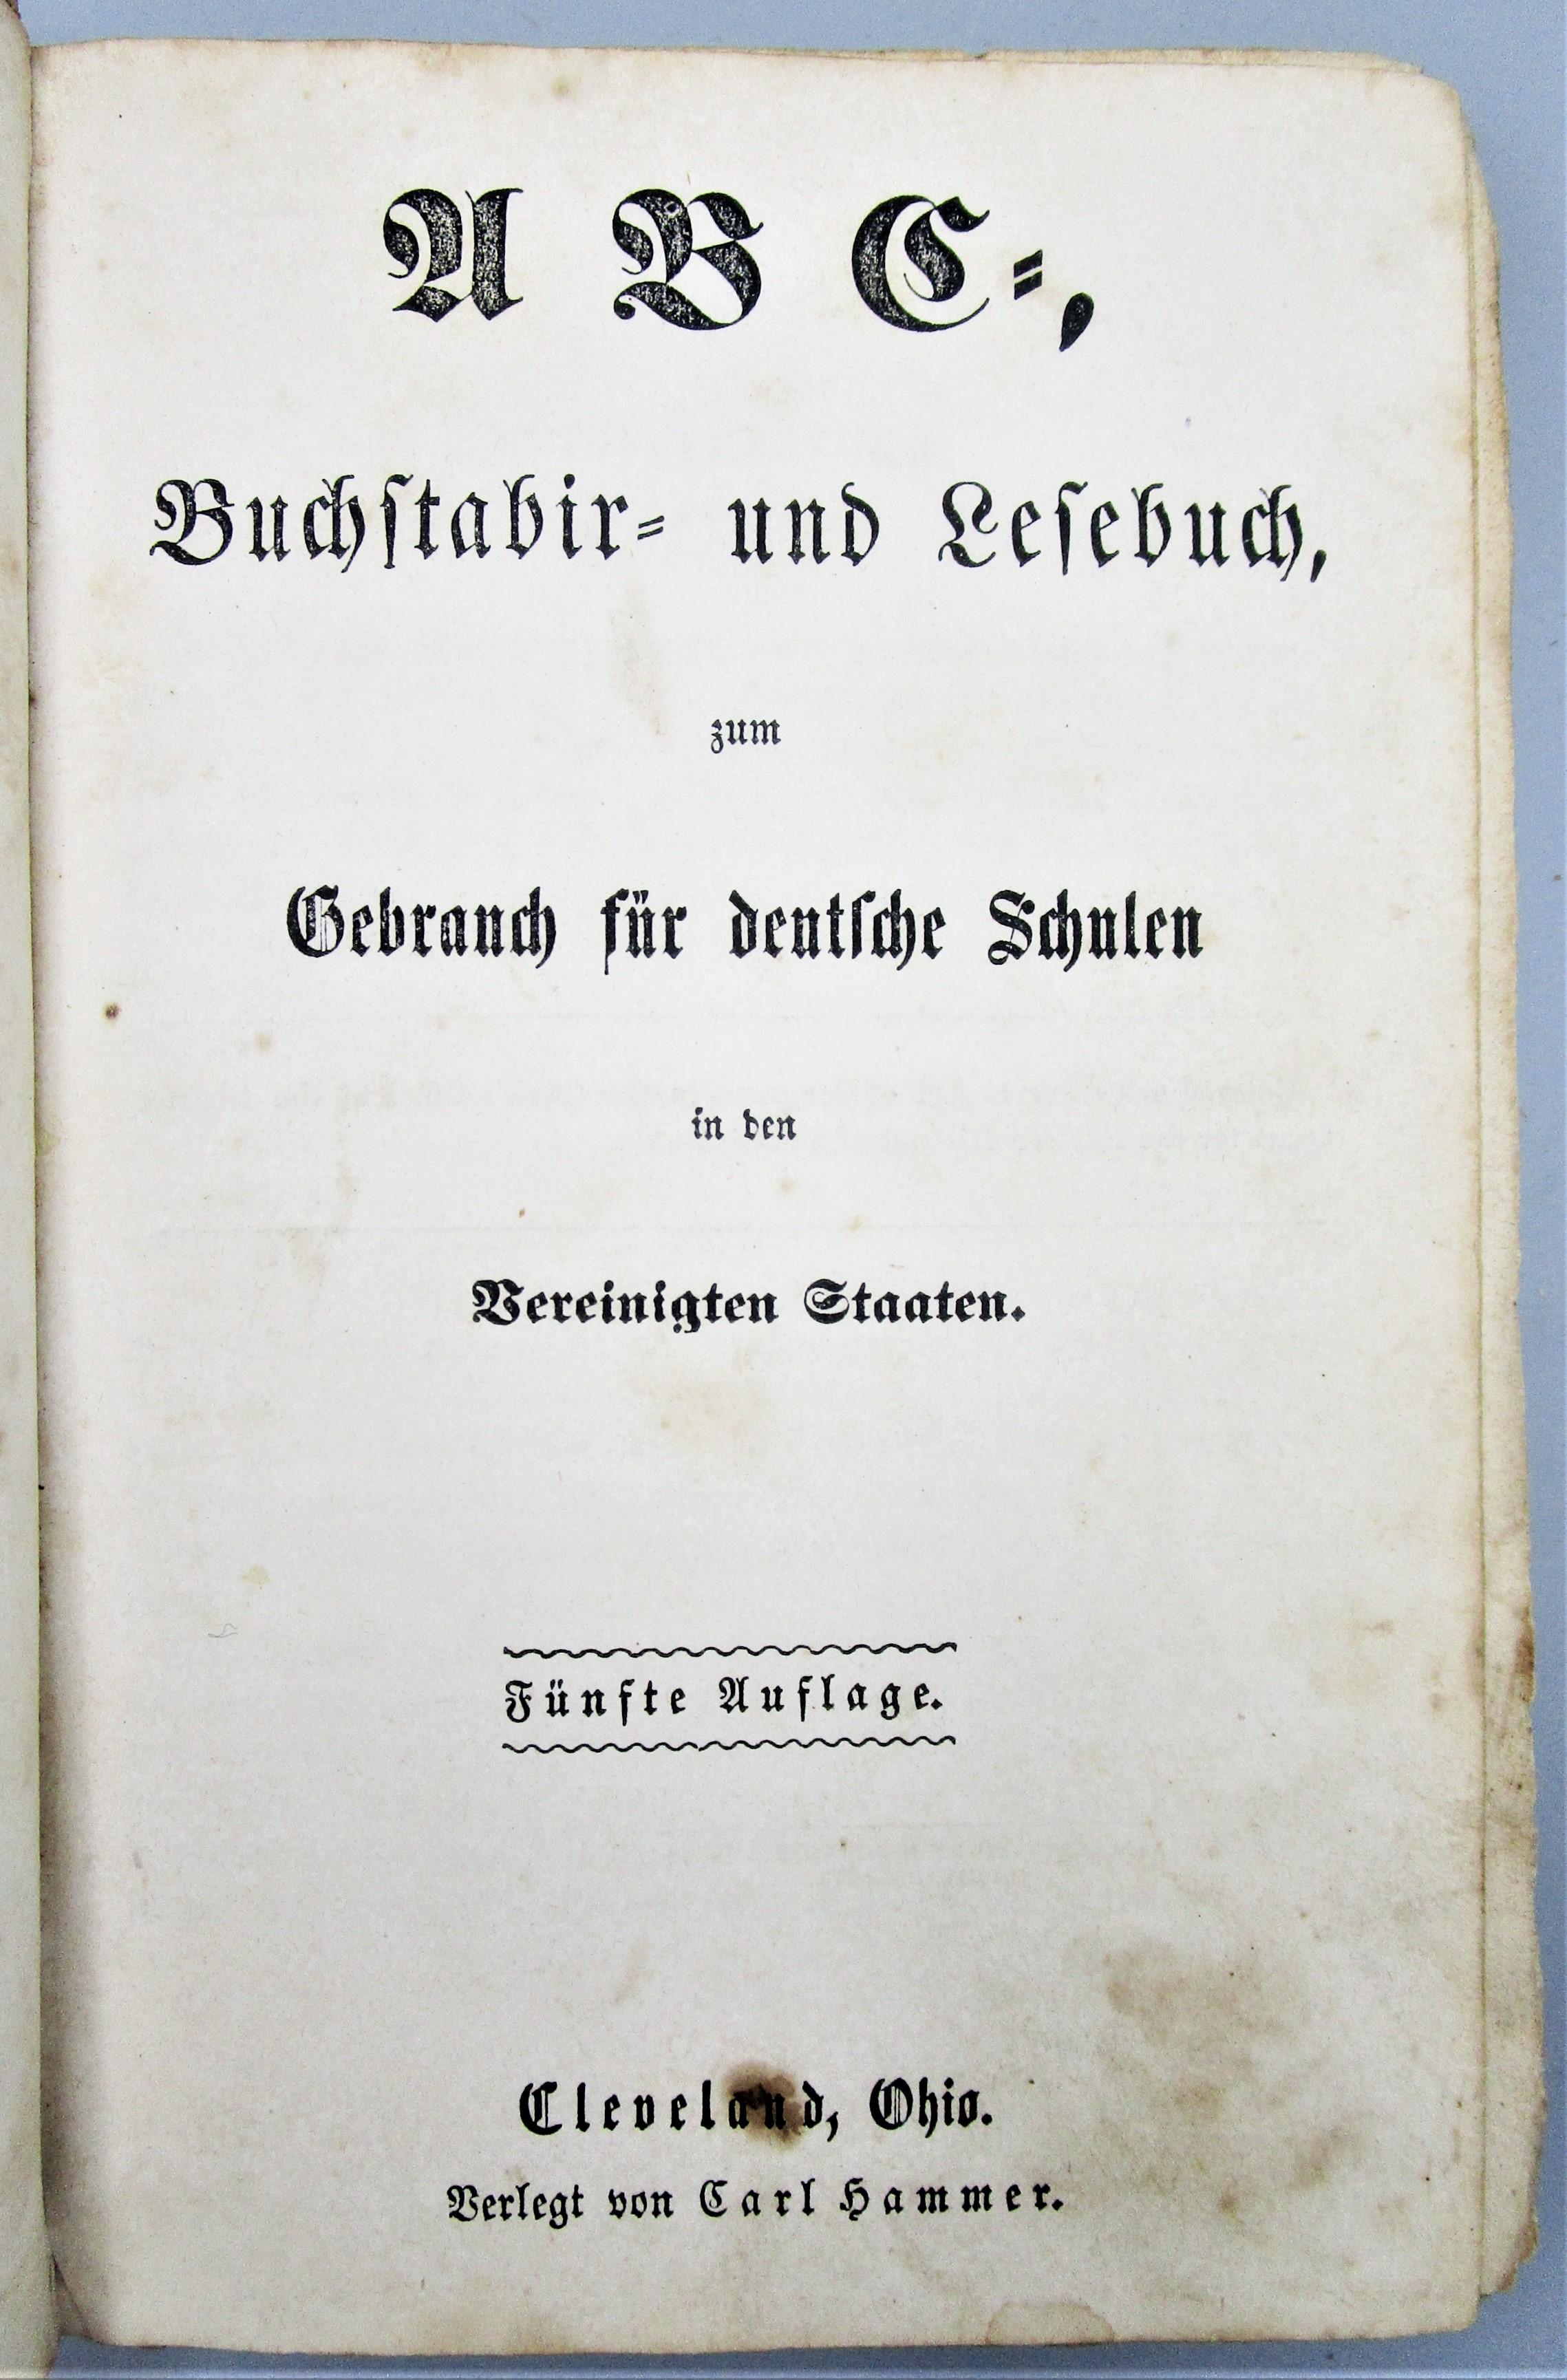 ABC, BUCHSTABIER UND LESEBUCH - 1860